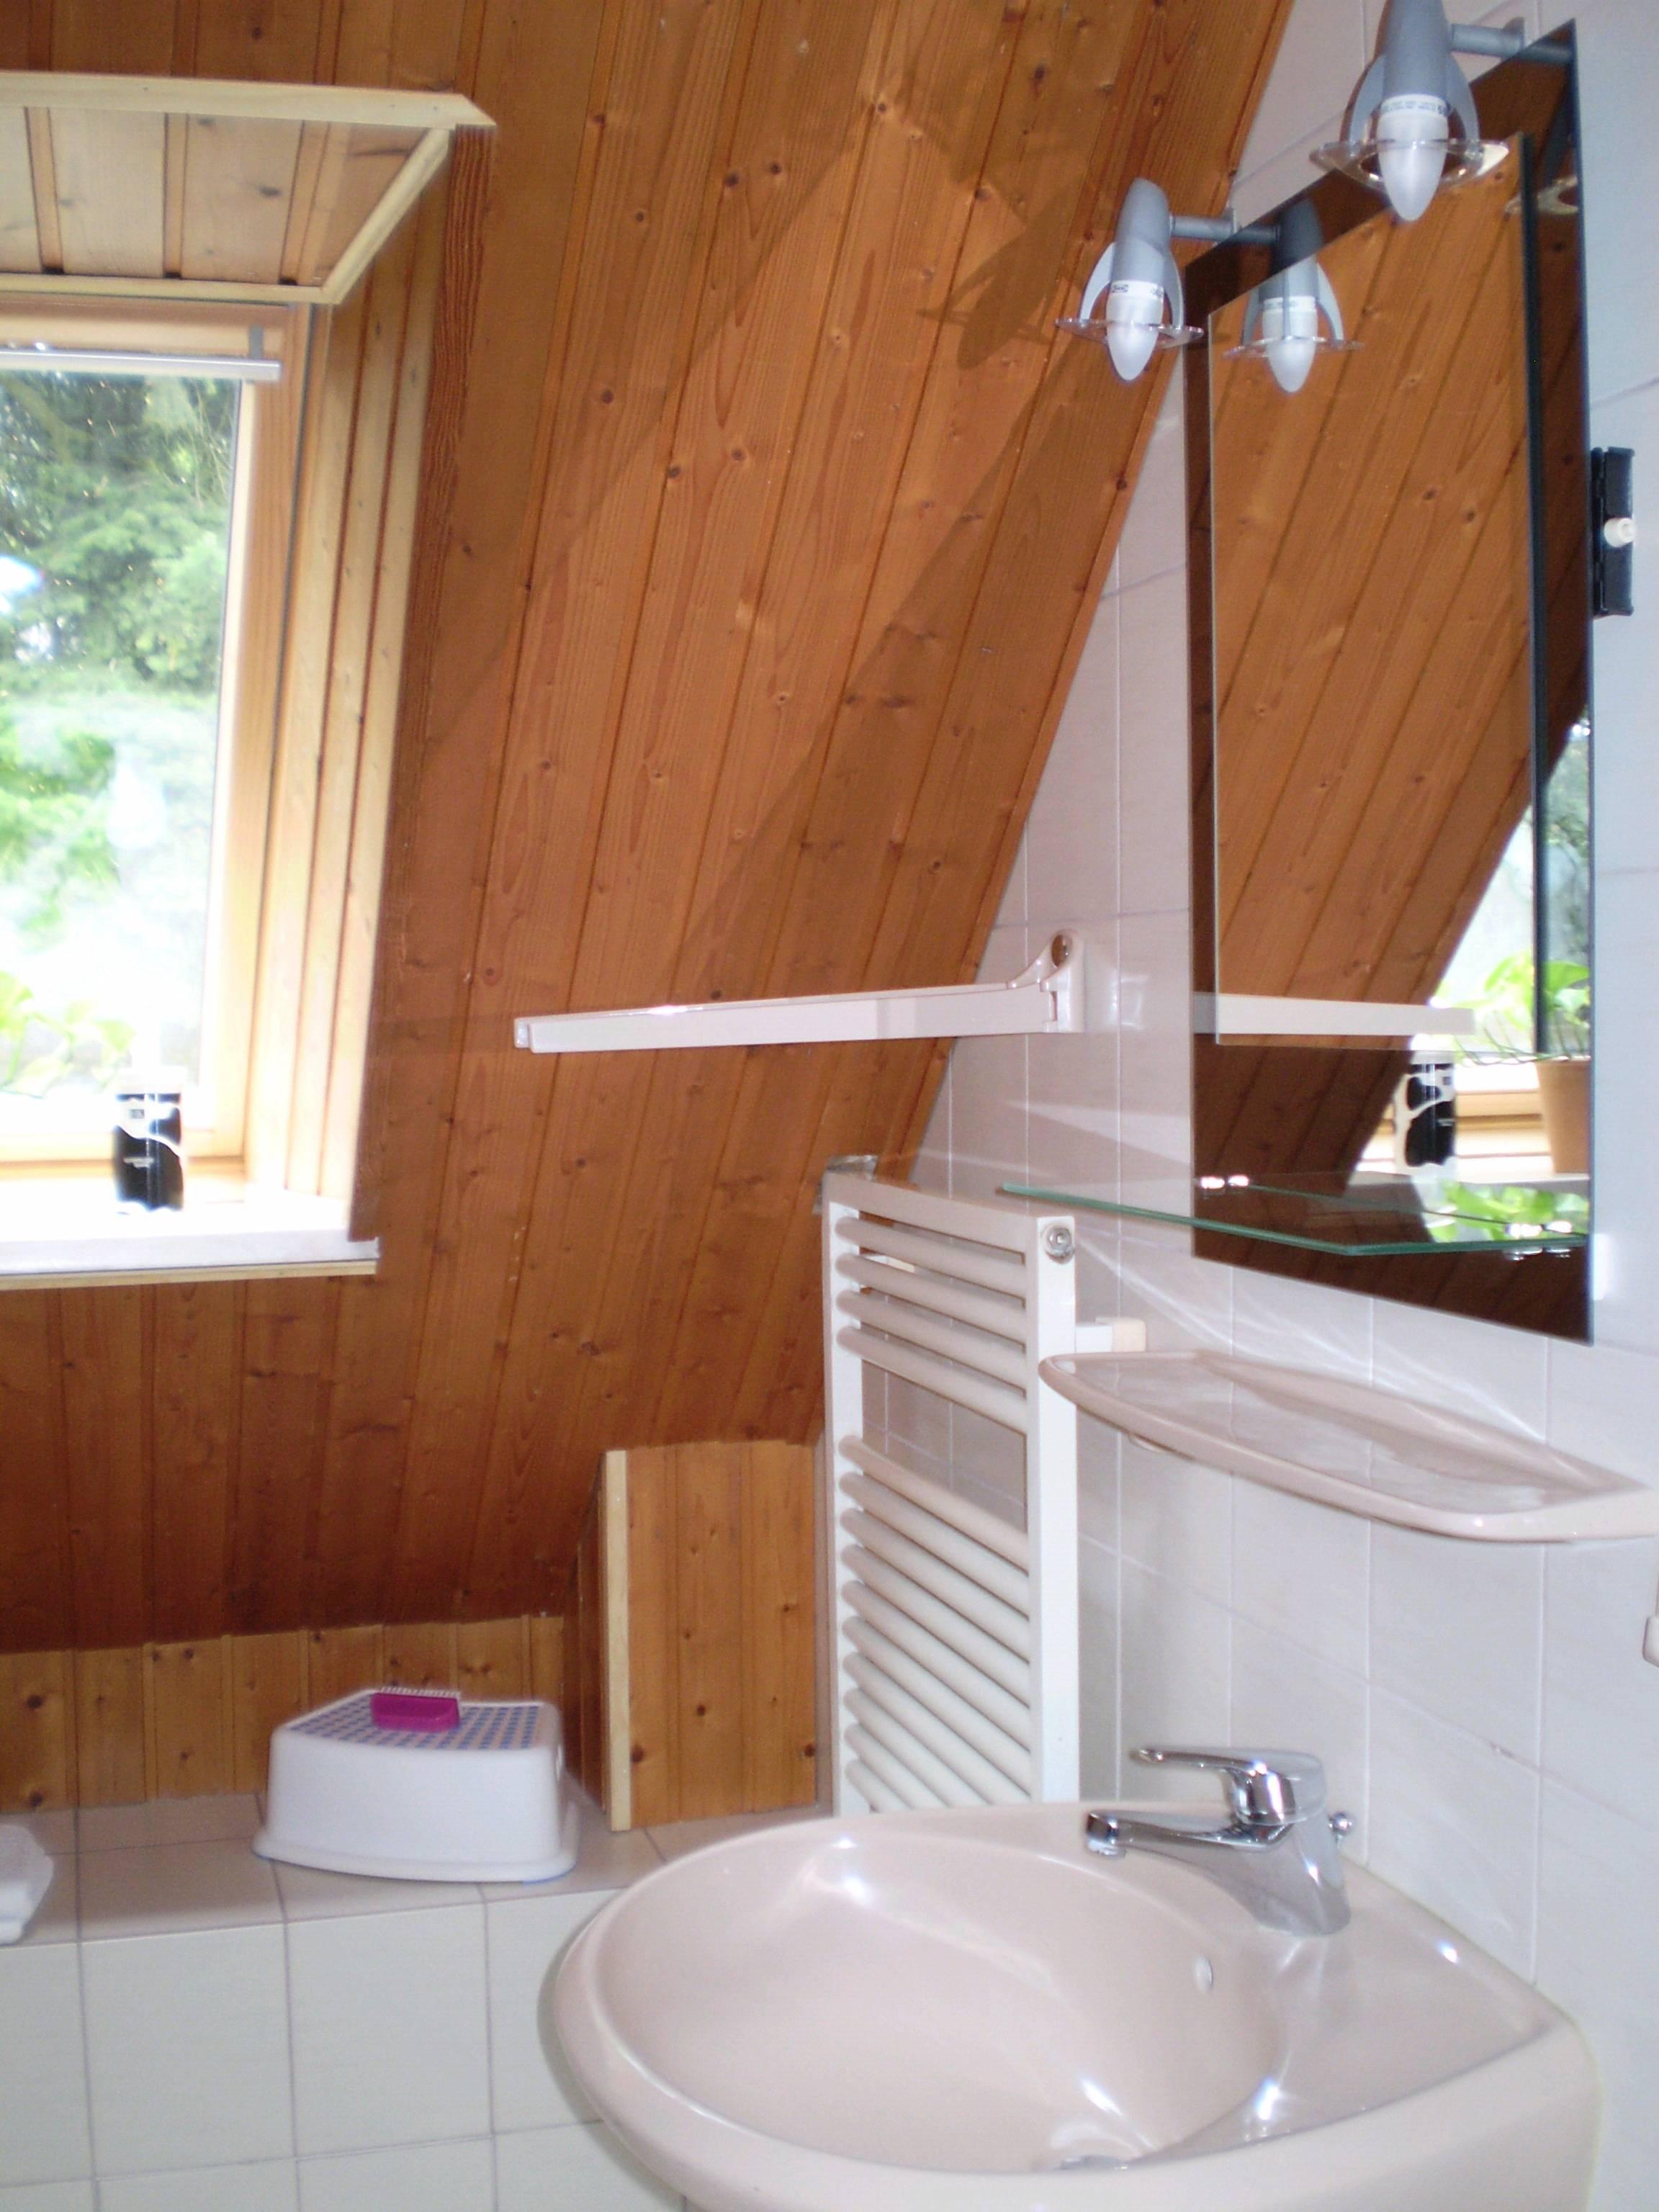 Waschtisch und Heizung